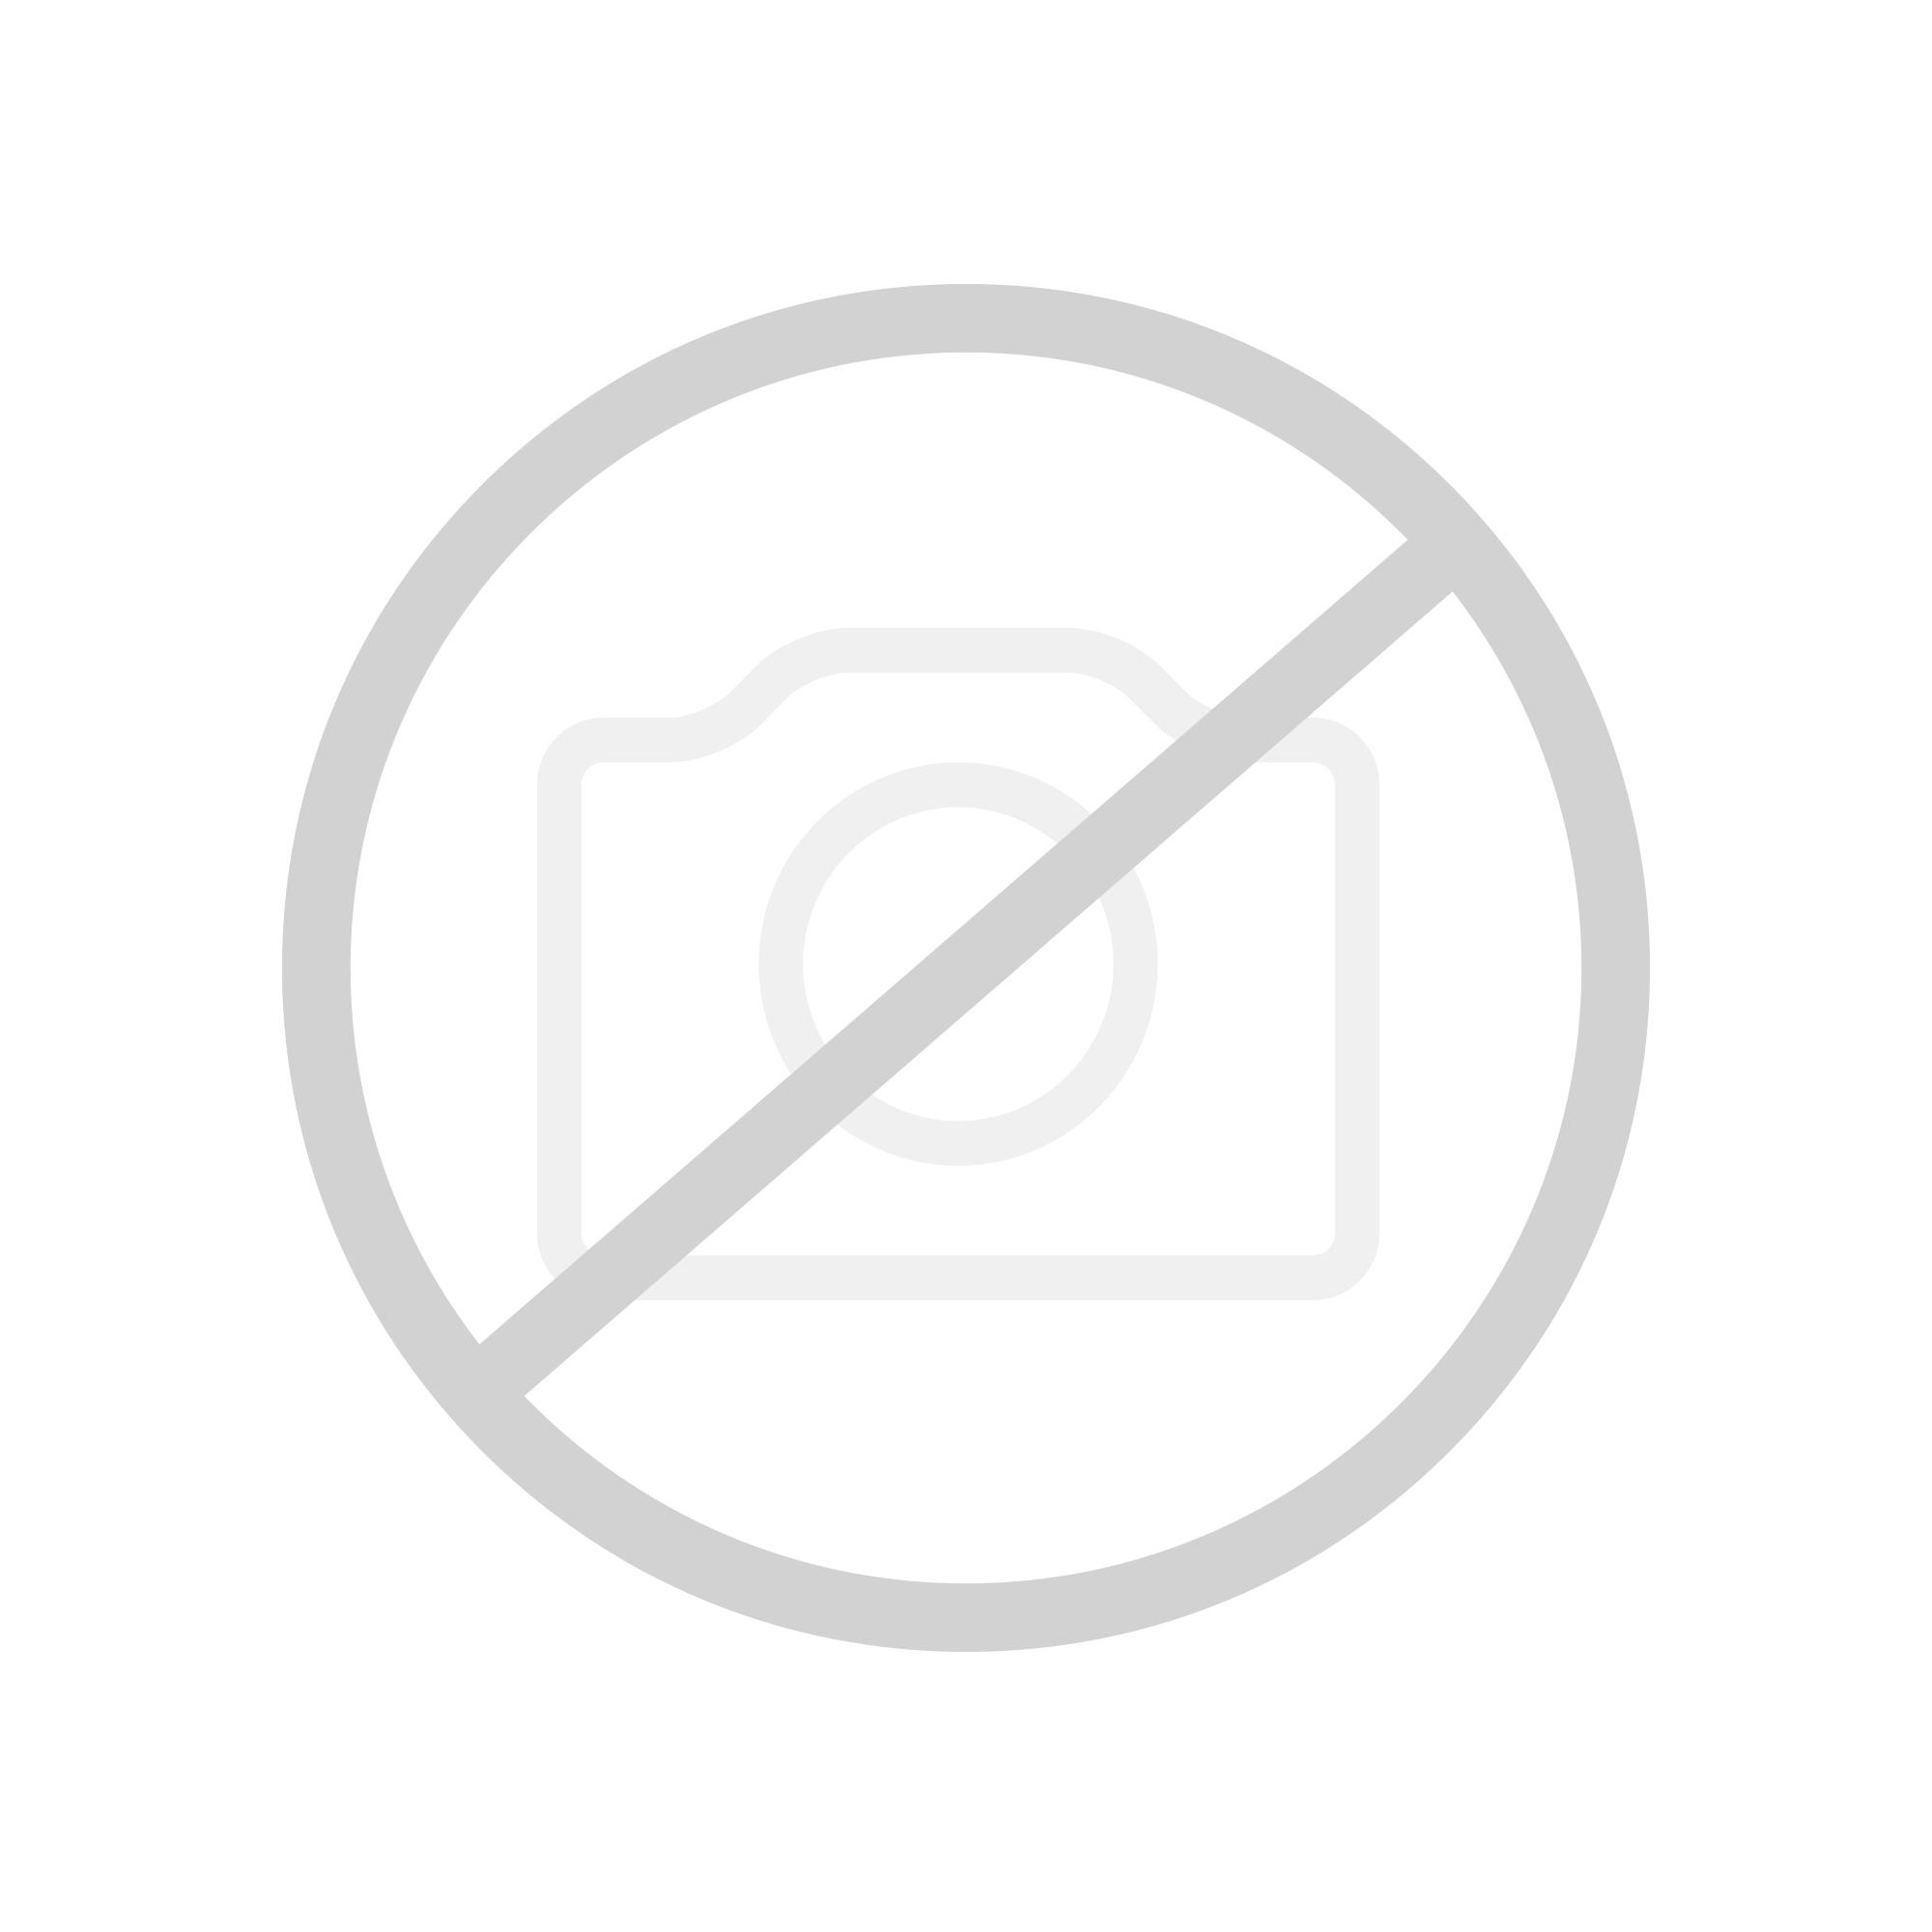 HSK Badheizkörper Line B: 50 H: 177,5 cm, mit Seitenanschluss weiß